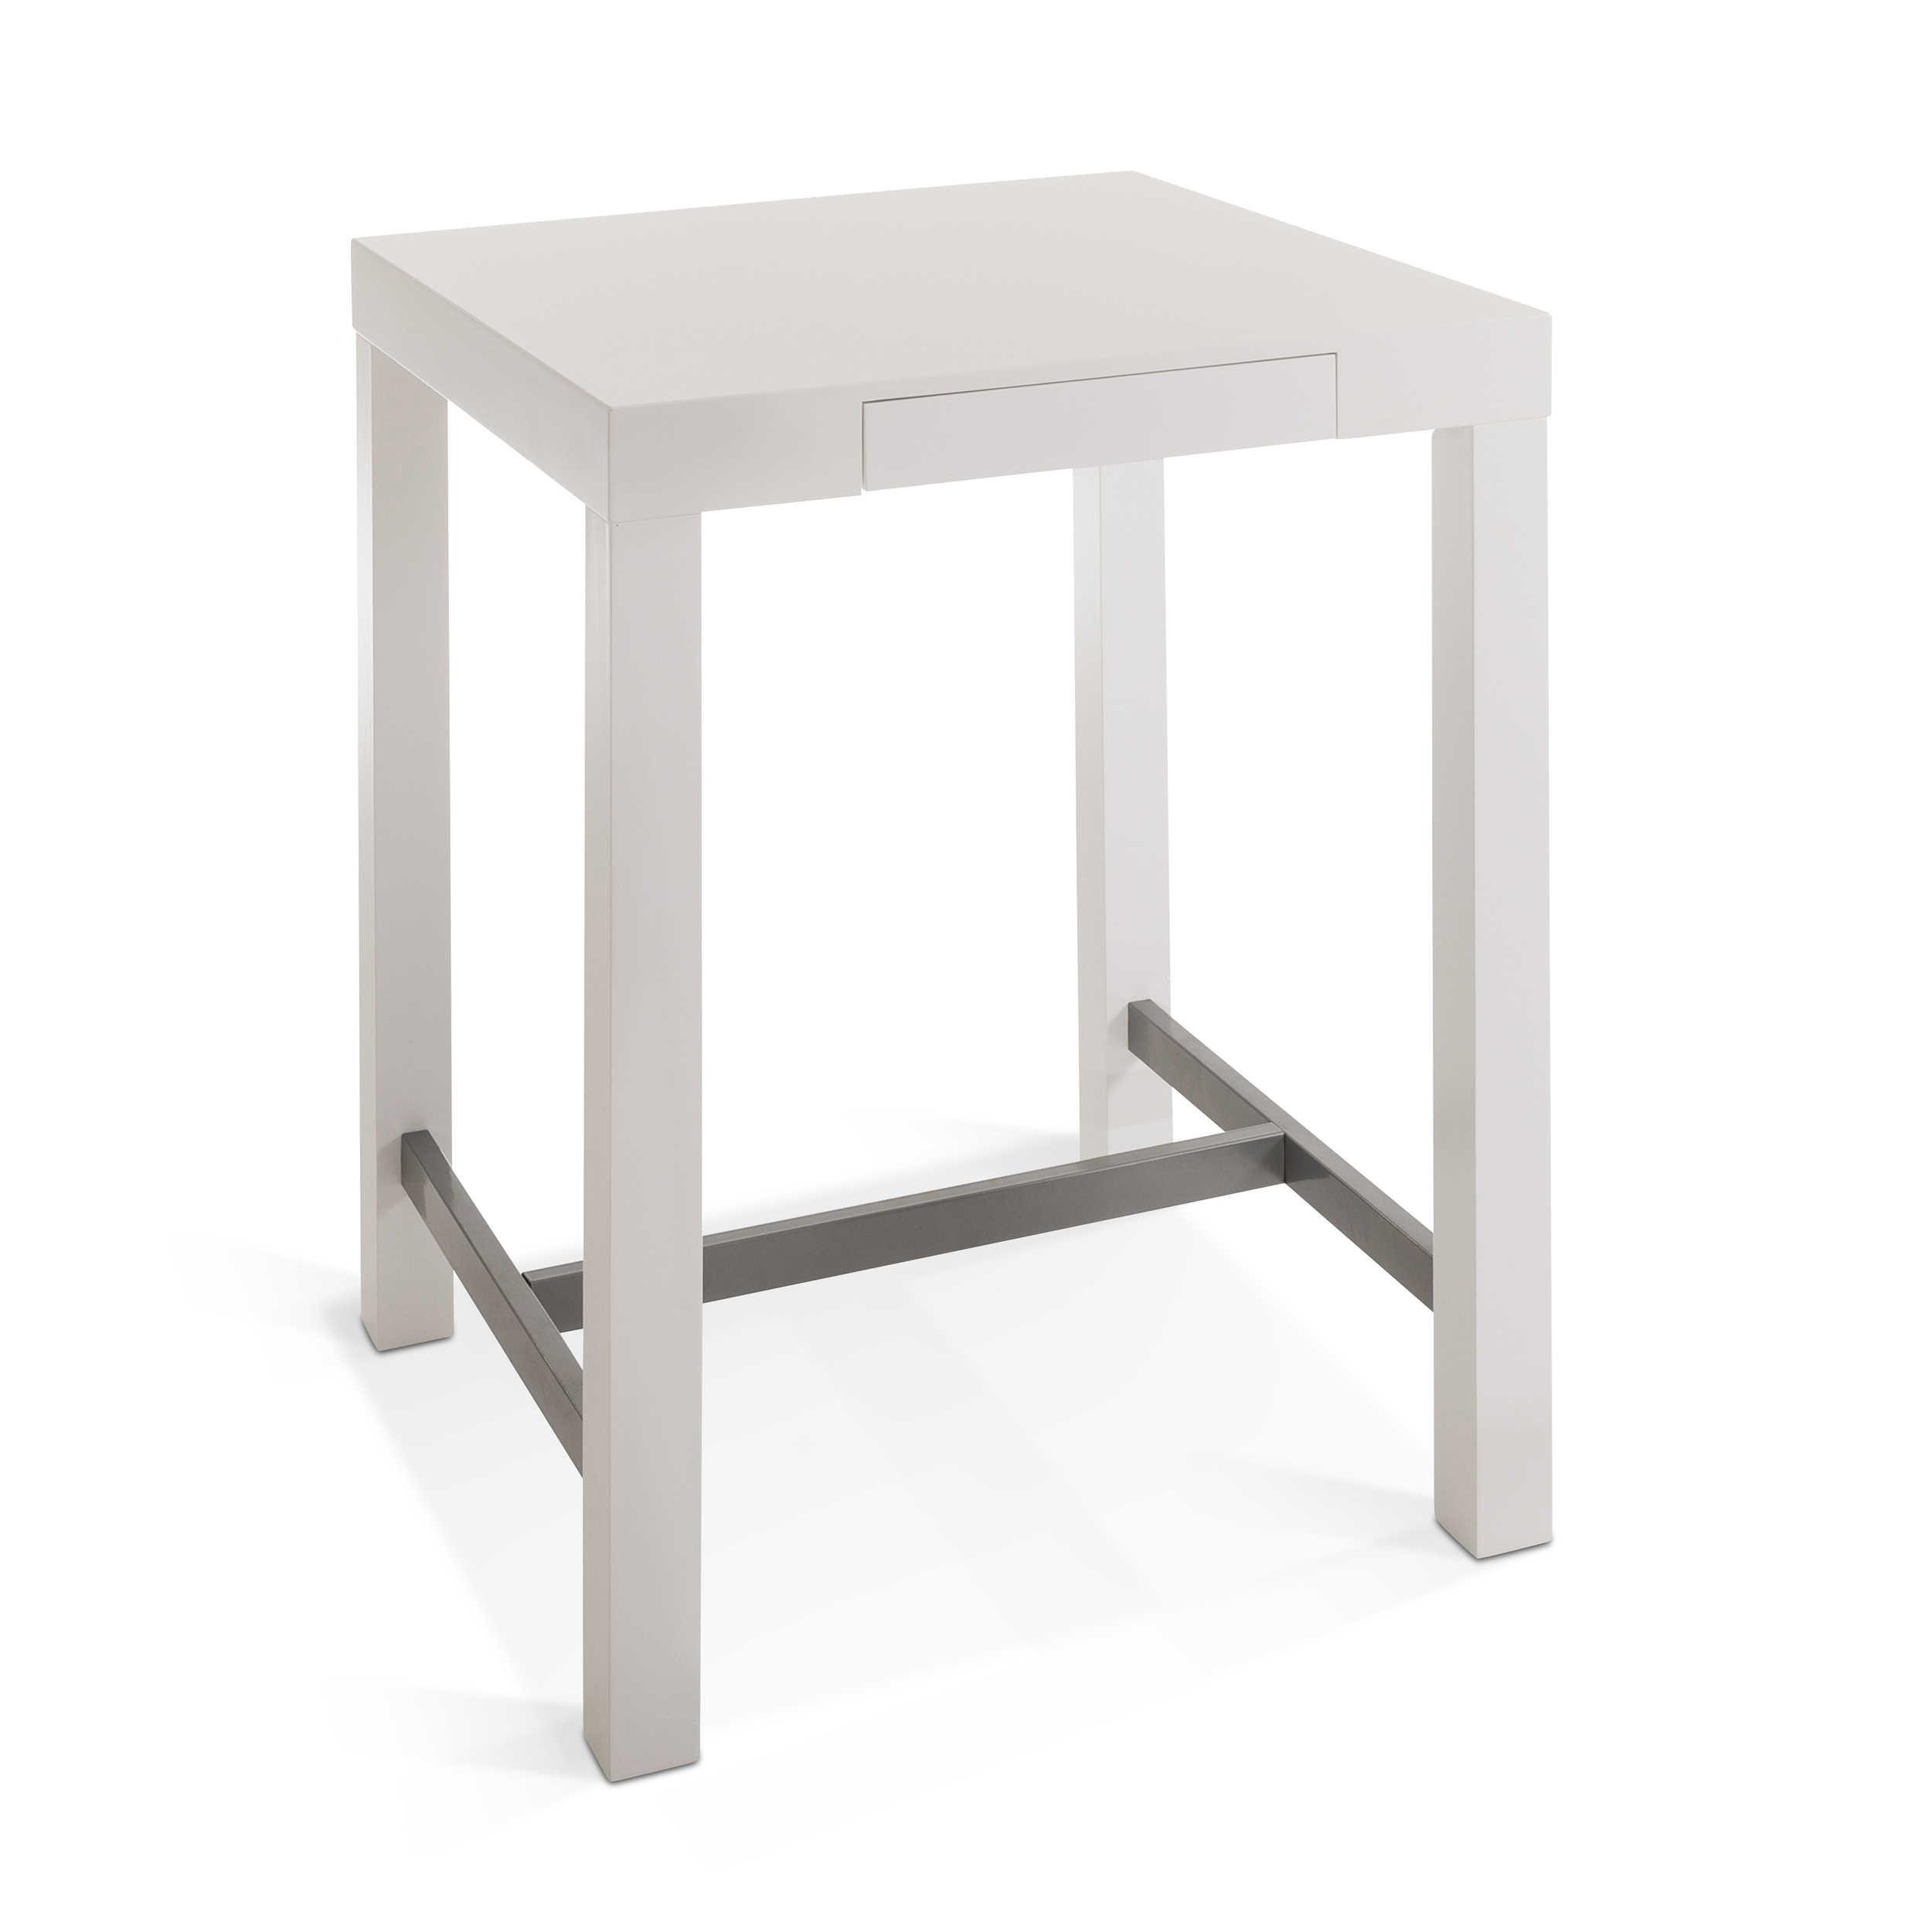 actona bartisch balme 80 x 80 cm wei lack hochglanz online kaufen bei woonio. Black Bedroom Furniture Sets. Home Design Ideas